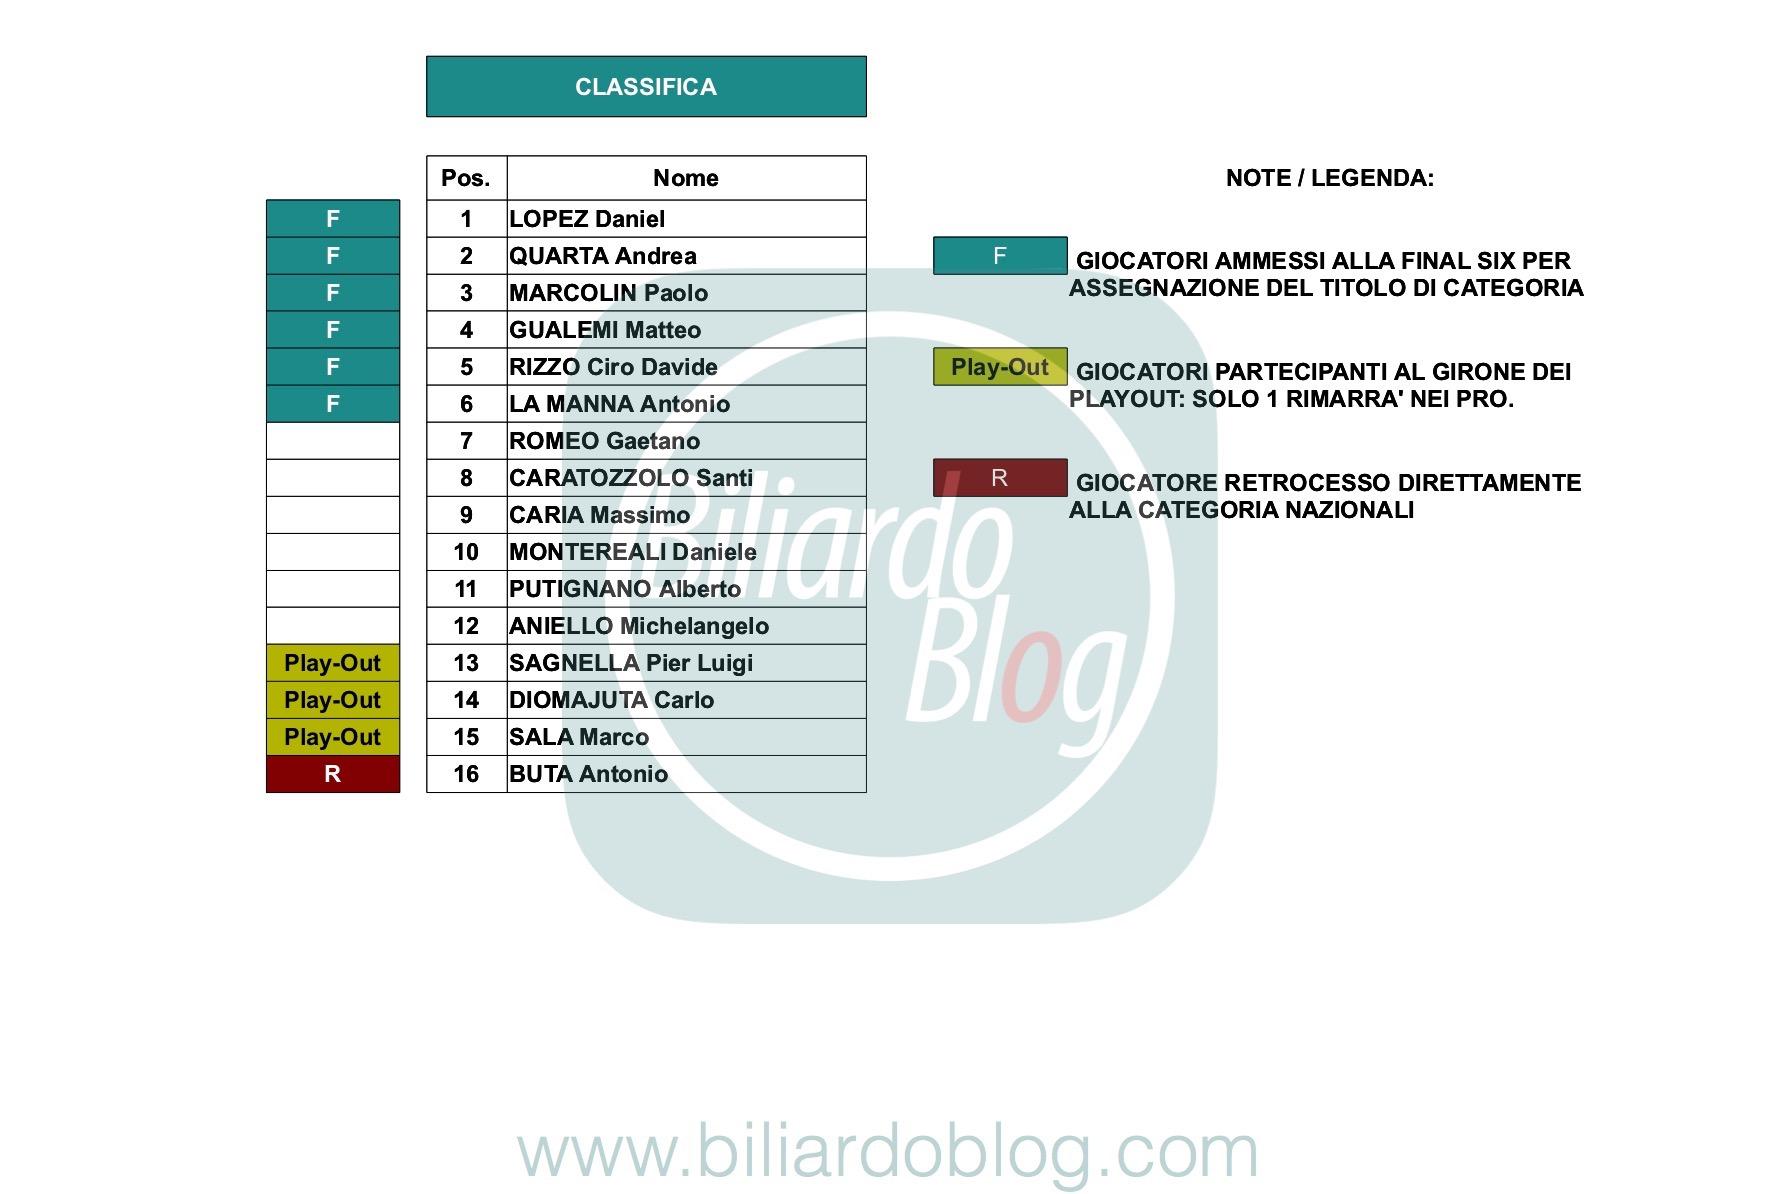 Le Finali del Campionato Italiano di Biliardo 2018 2019: Classifica Pro